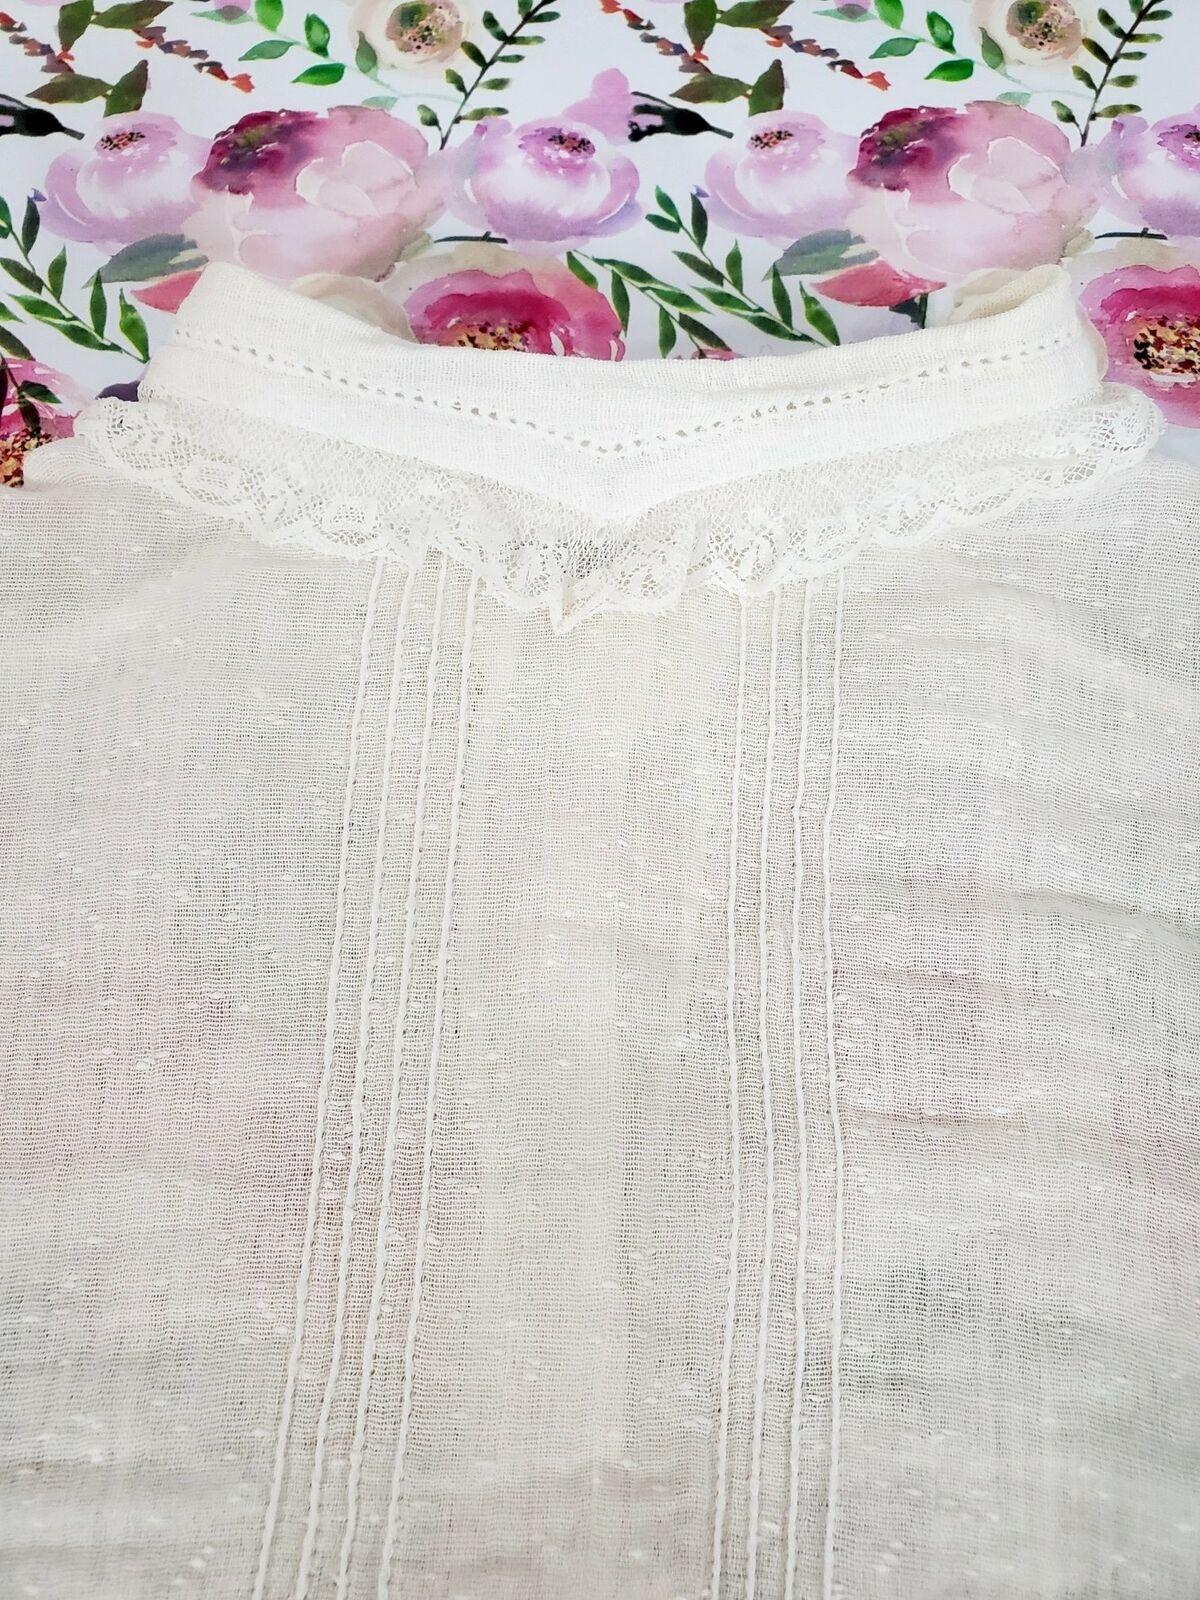 Vintage 10s Antique Cotton Blouse - xs, sm, petite - image 4